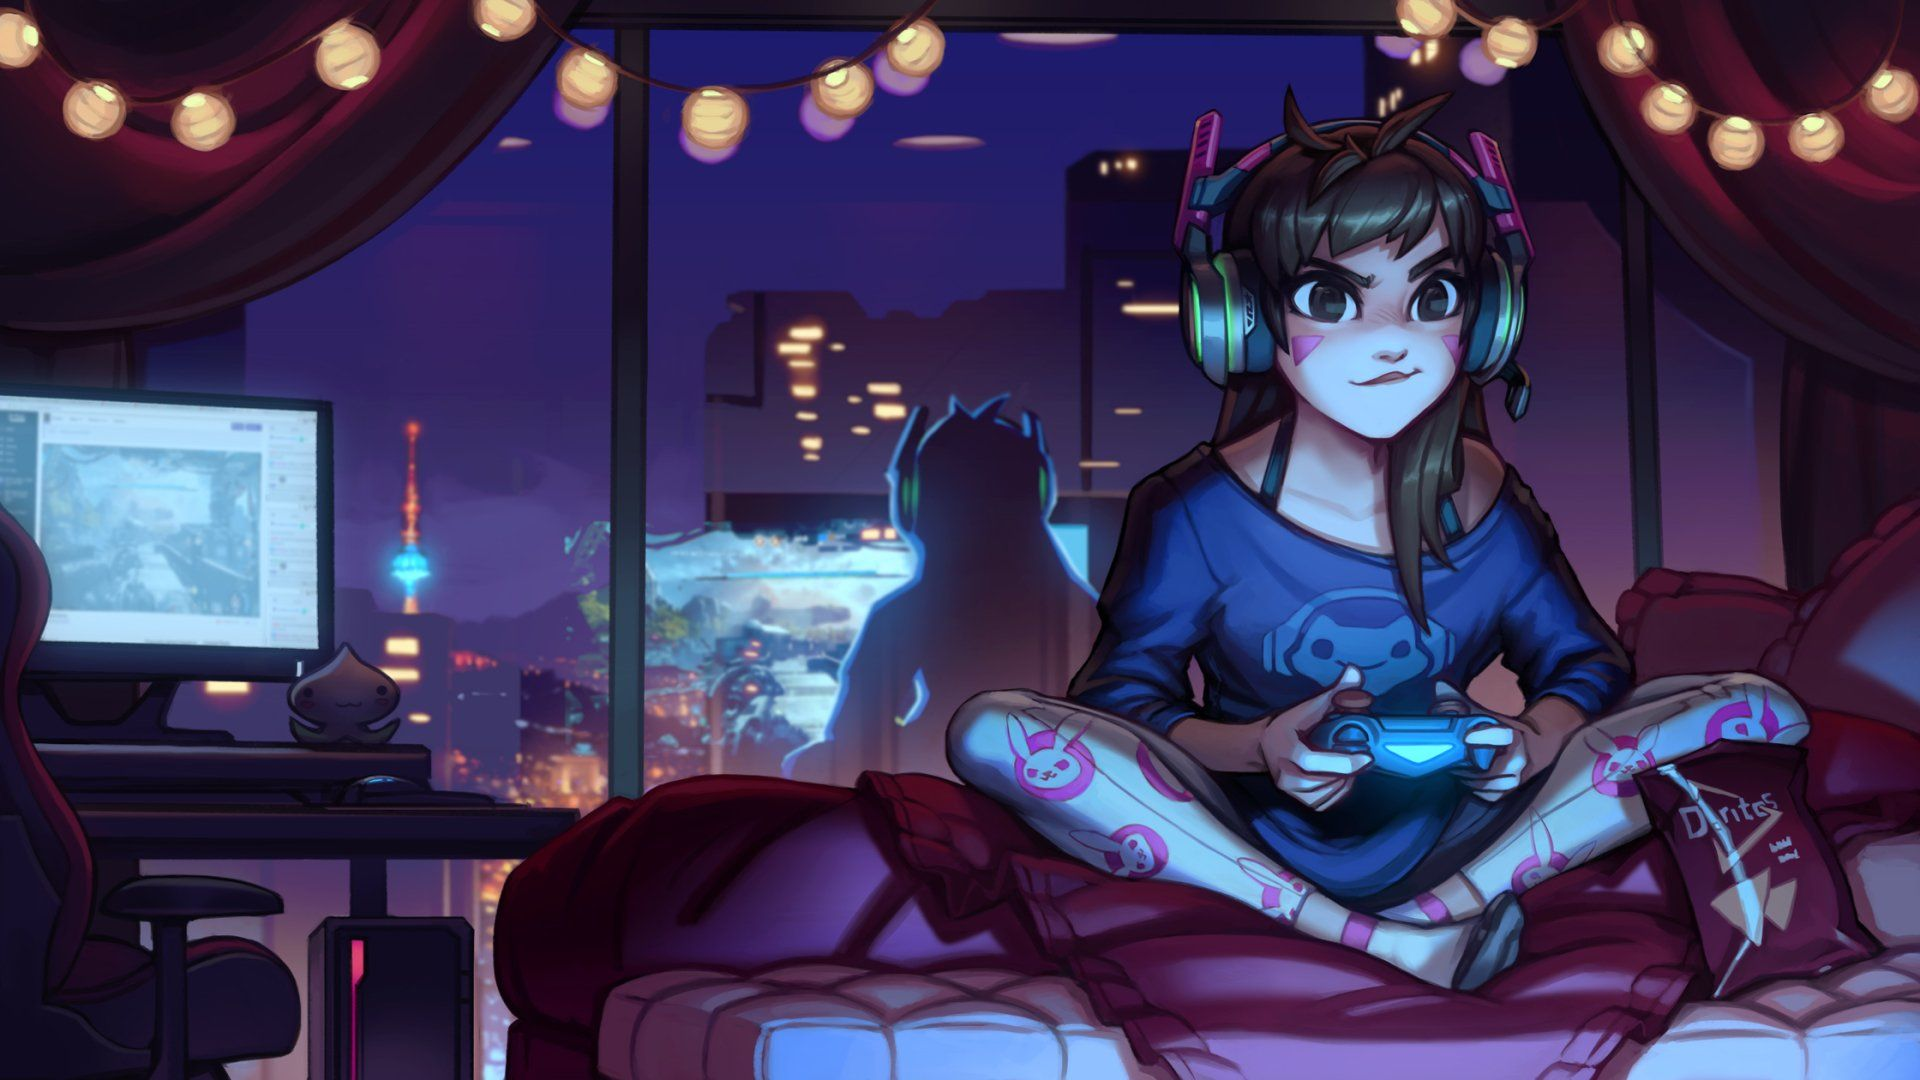 Video game overwatch d va overwatch wallpaper - Overwatch dva wallpaper ...